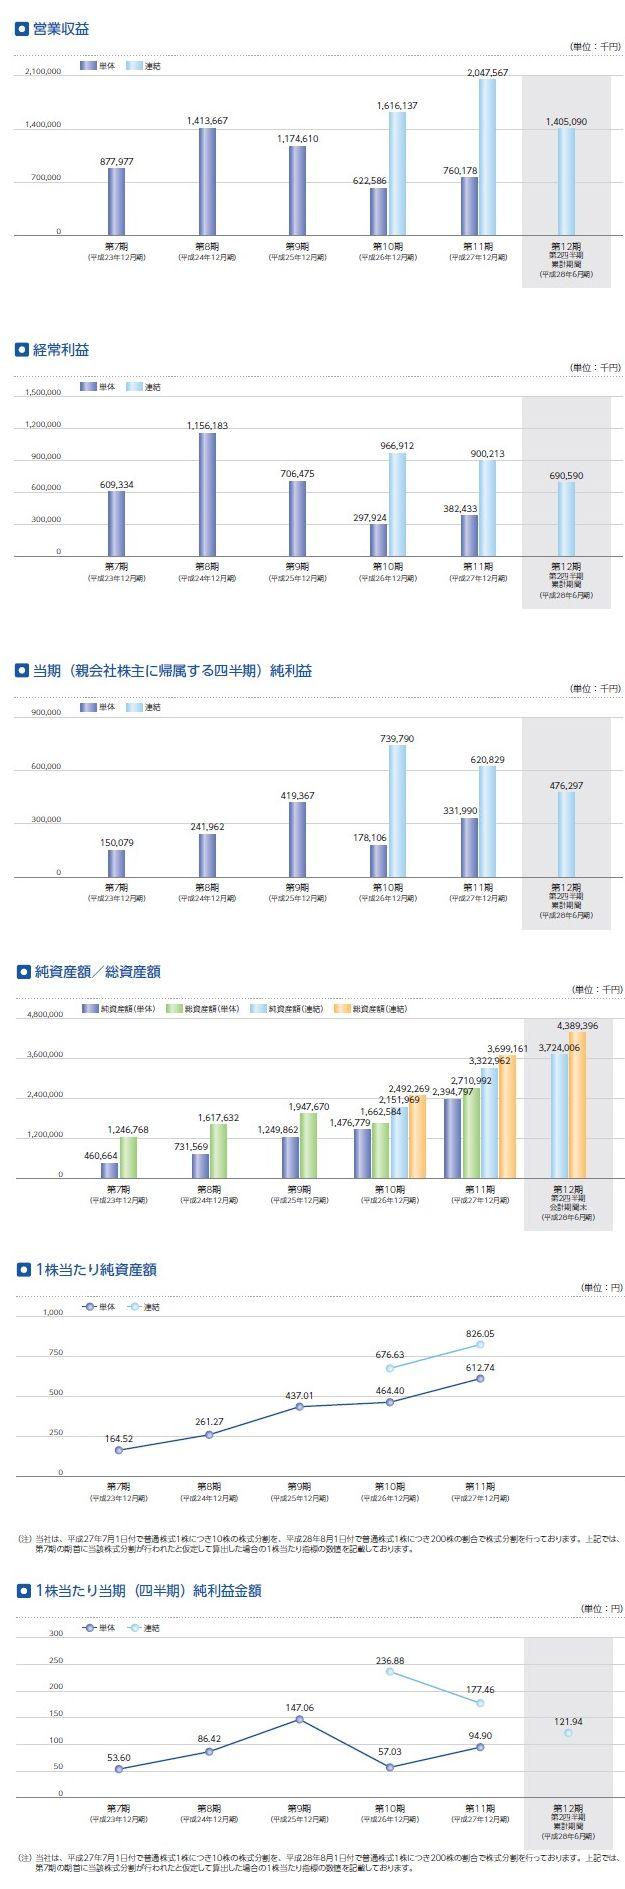 マーキュリアインベストメントの経営指標グラフ